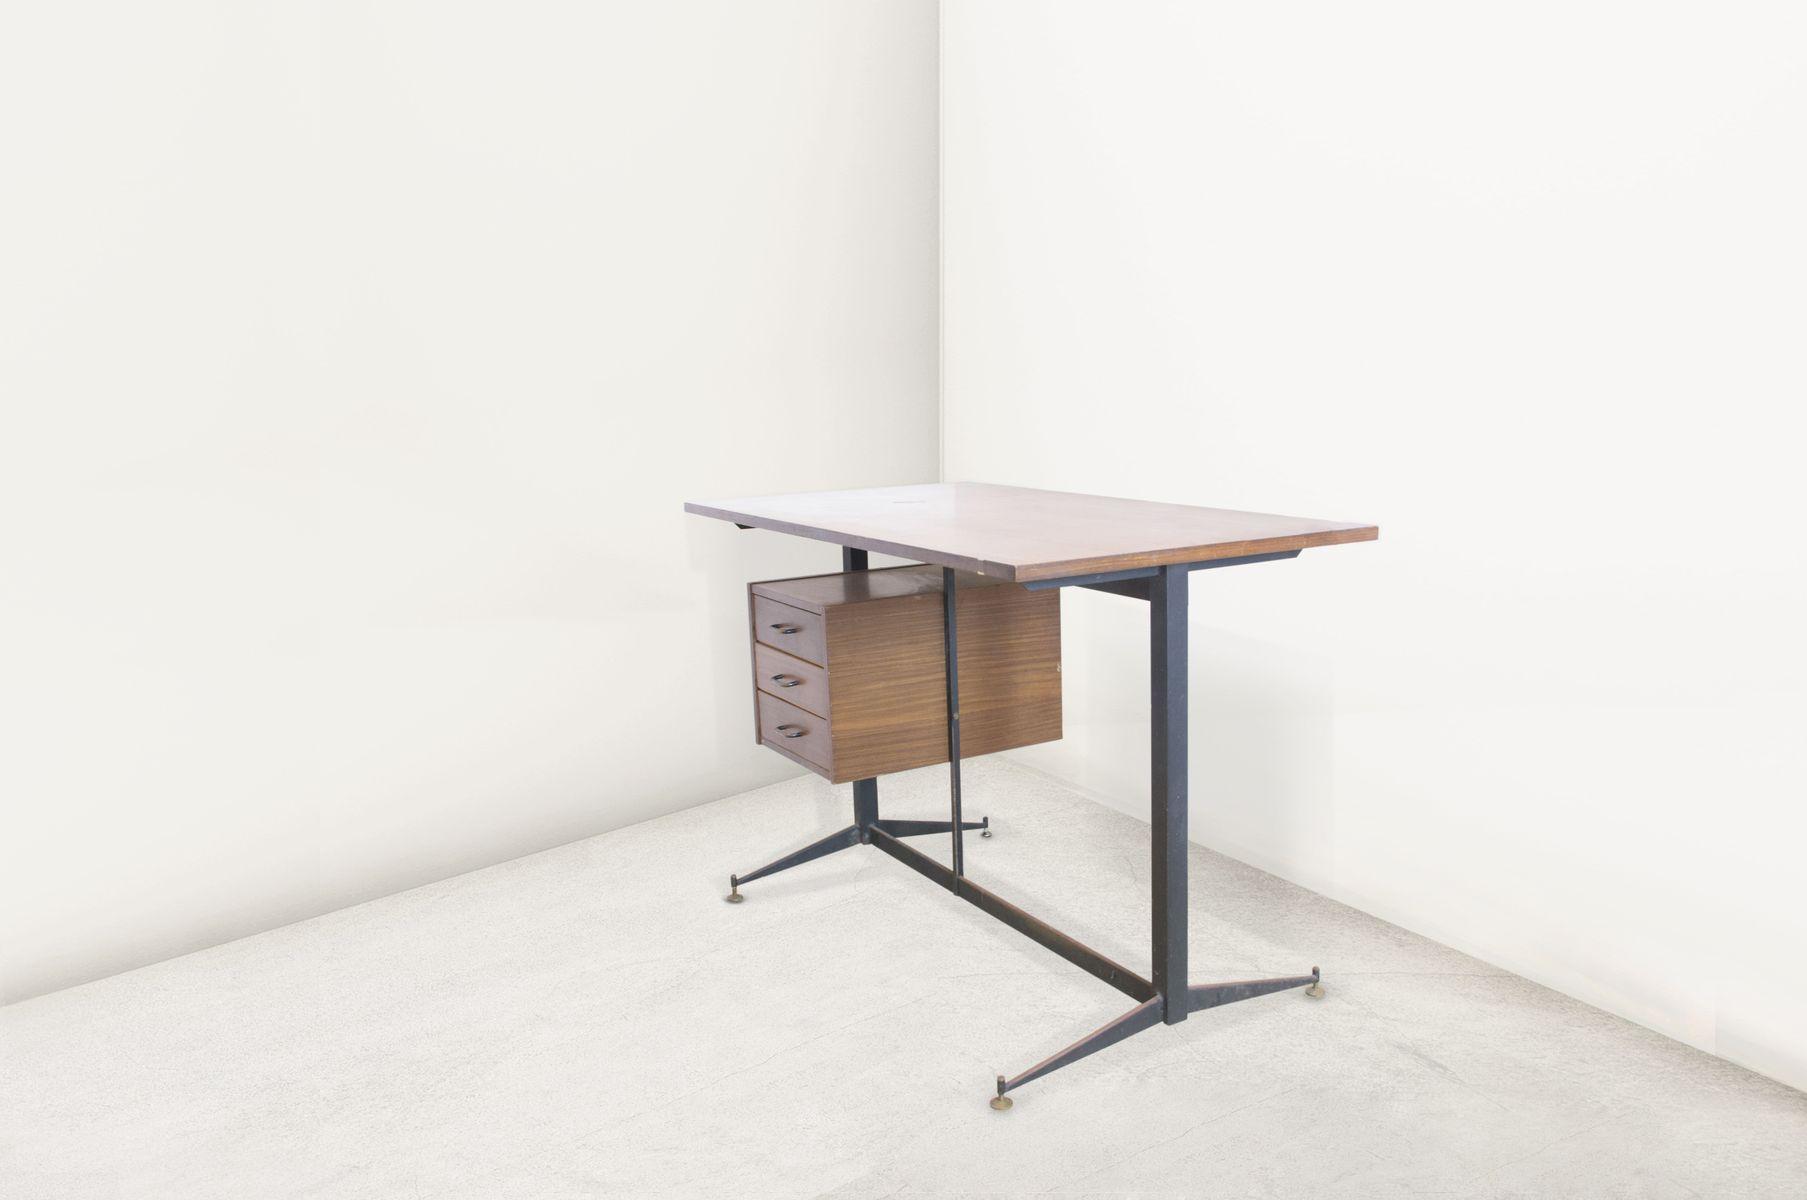 italienischer mid century schreibtisch 1940er bei pamono kaufen. Black Bedroom Furniture Sets. Home Design Ideas